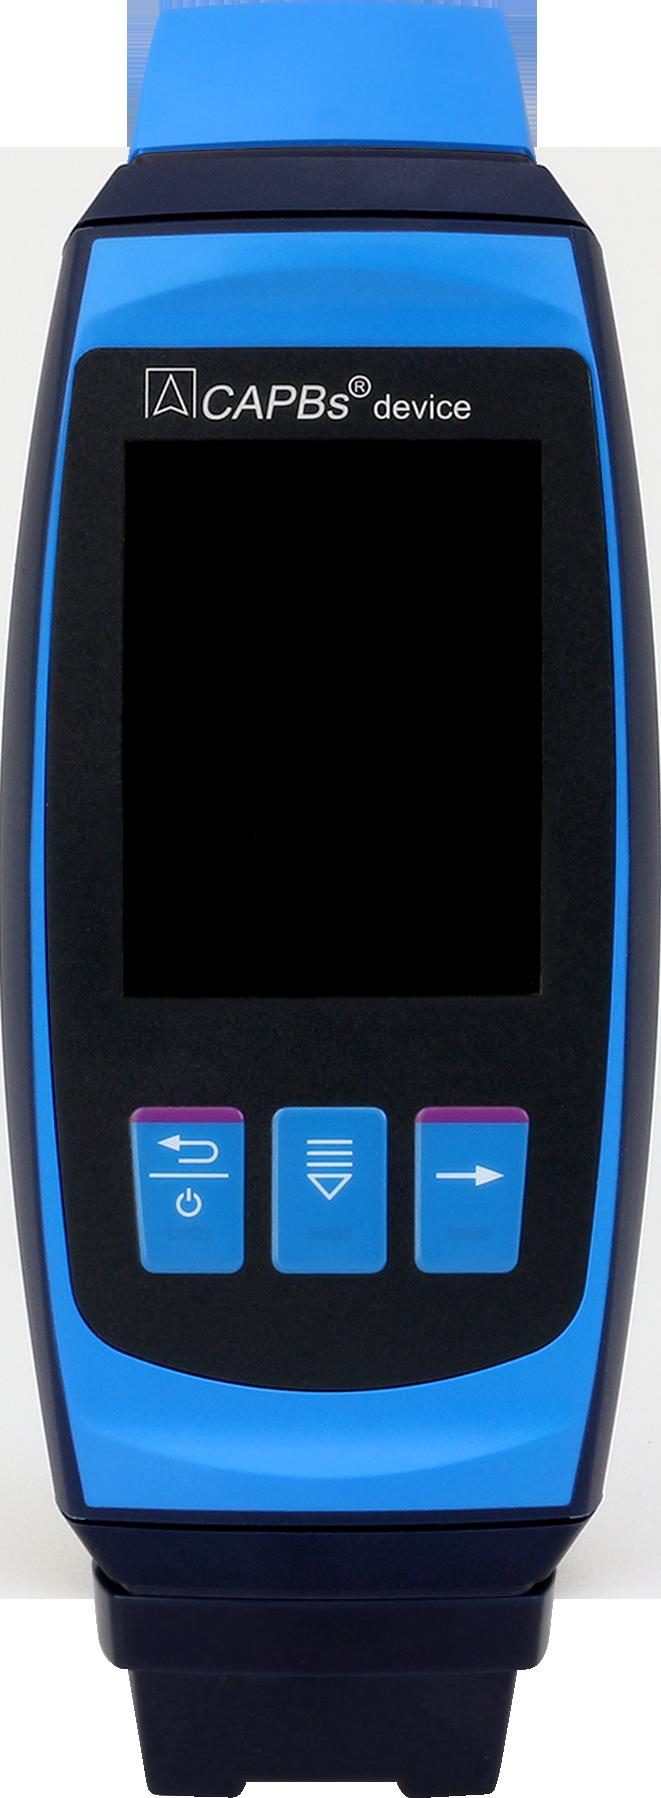 12b2 Wielofunkcyjne urządzenie pomiarowe CAPBs device